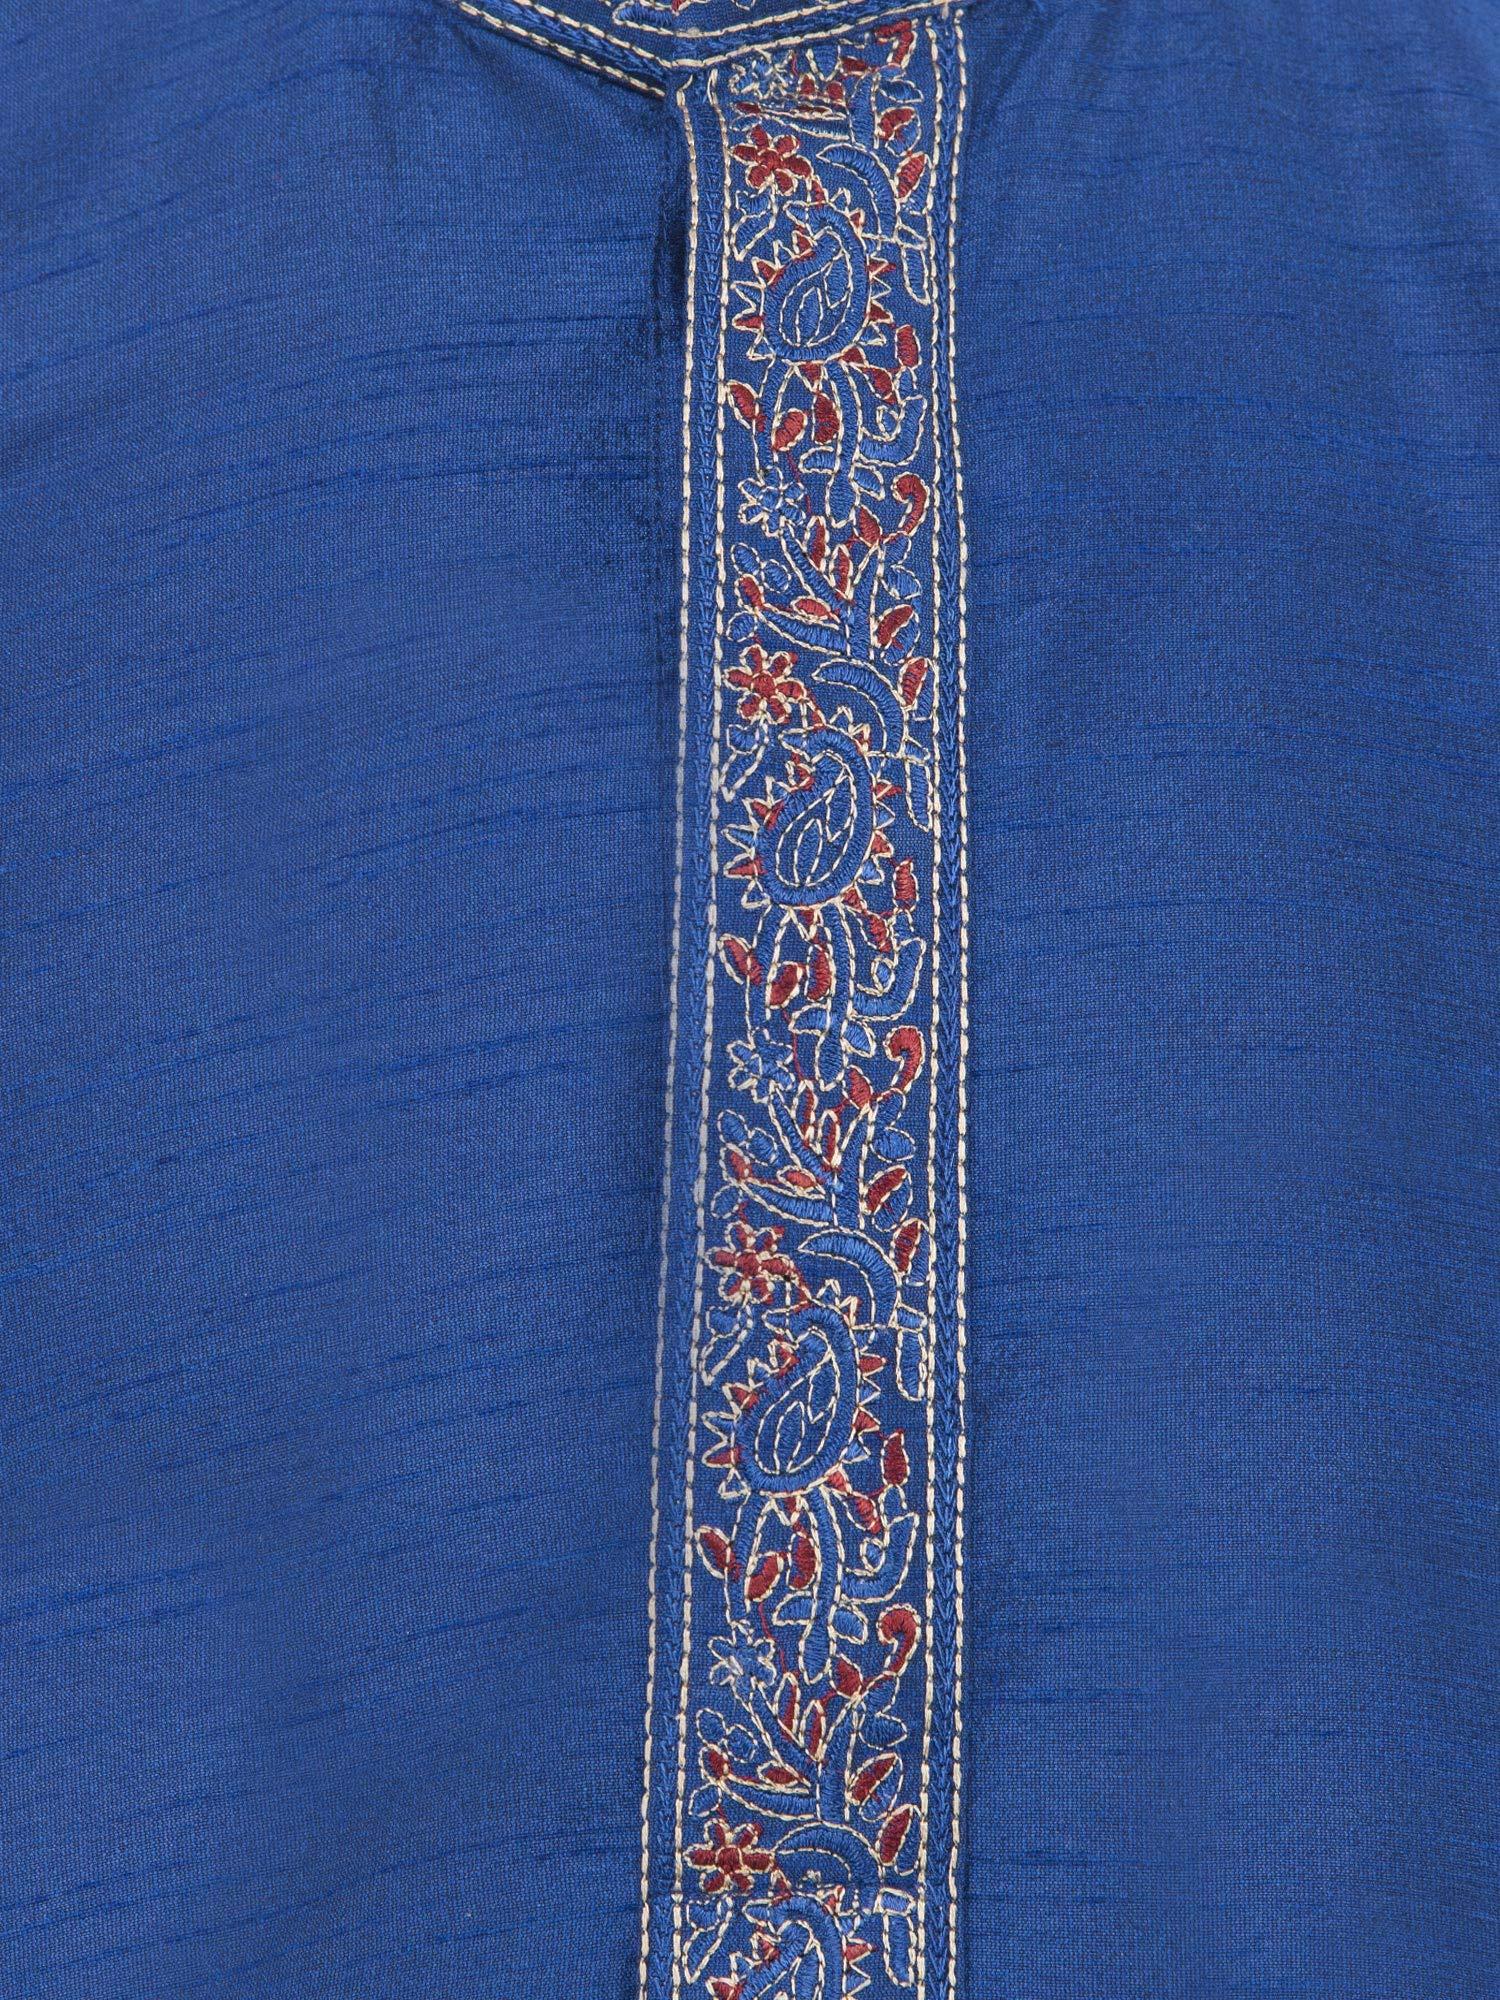 Indian Long Sleeve Kurta Pajama Dress Men Salwar Kameez Party and Wedding Wear -XL by SKAVIJ (Image #8)